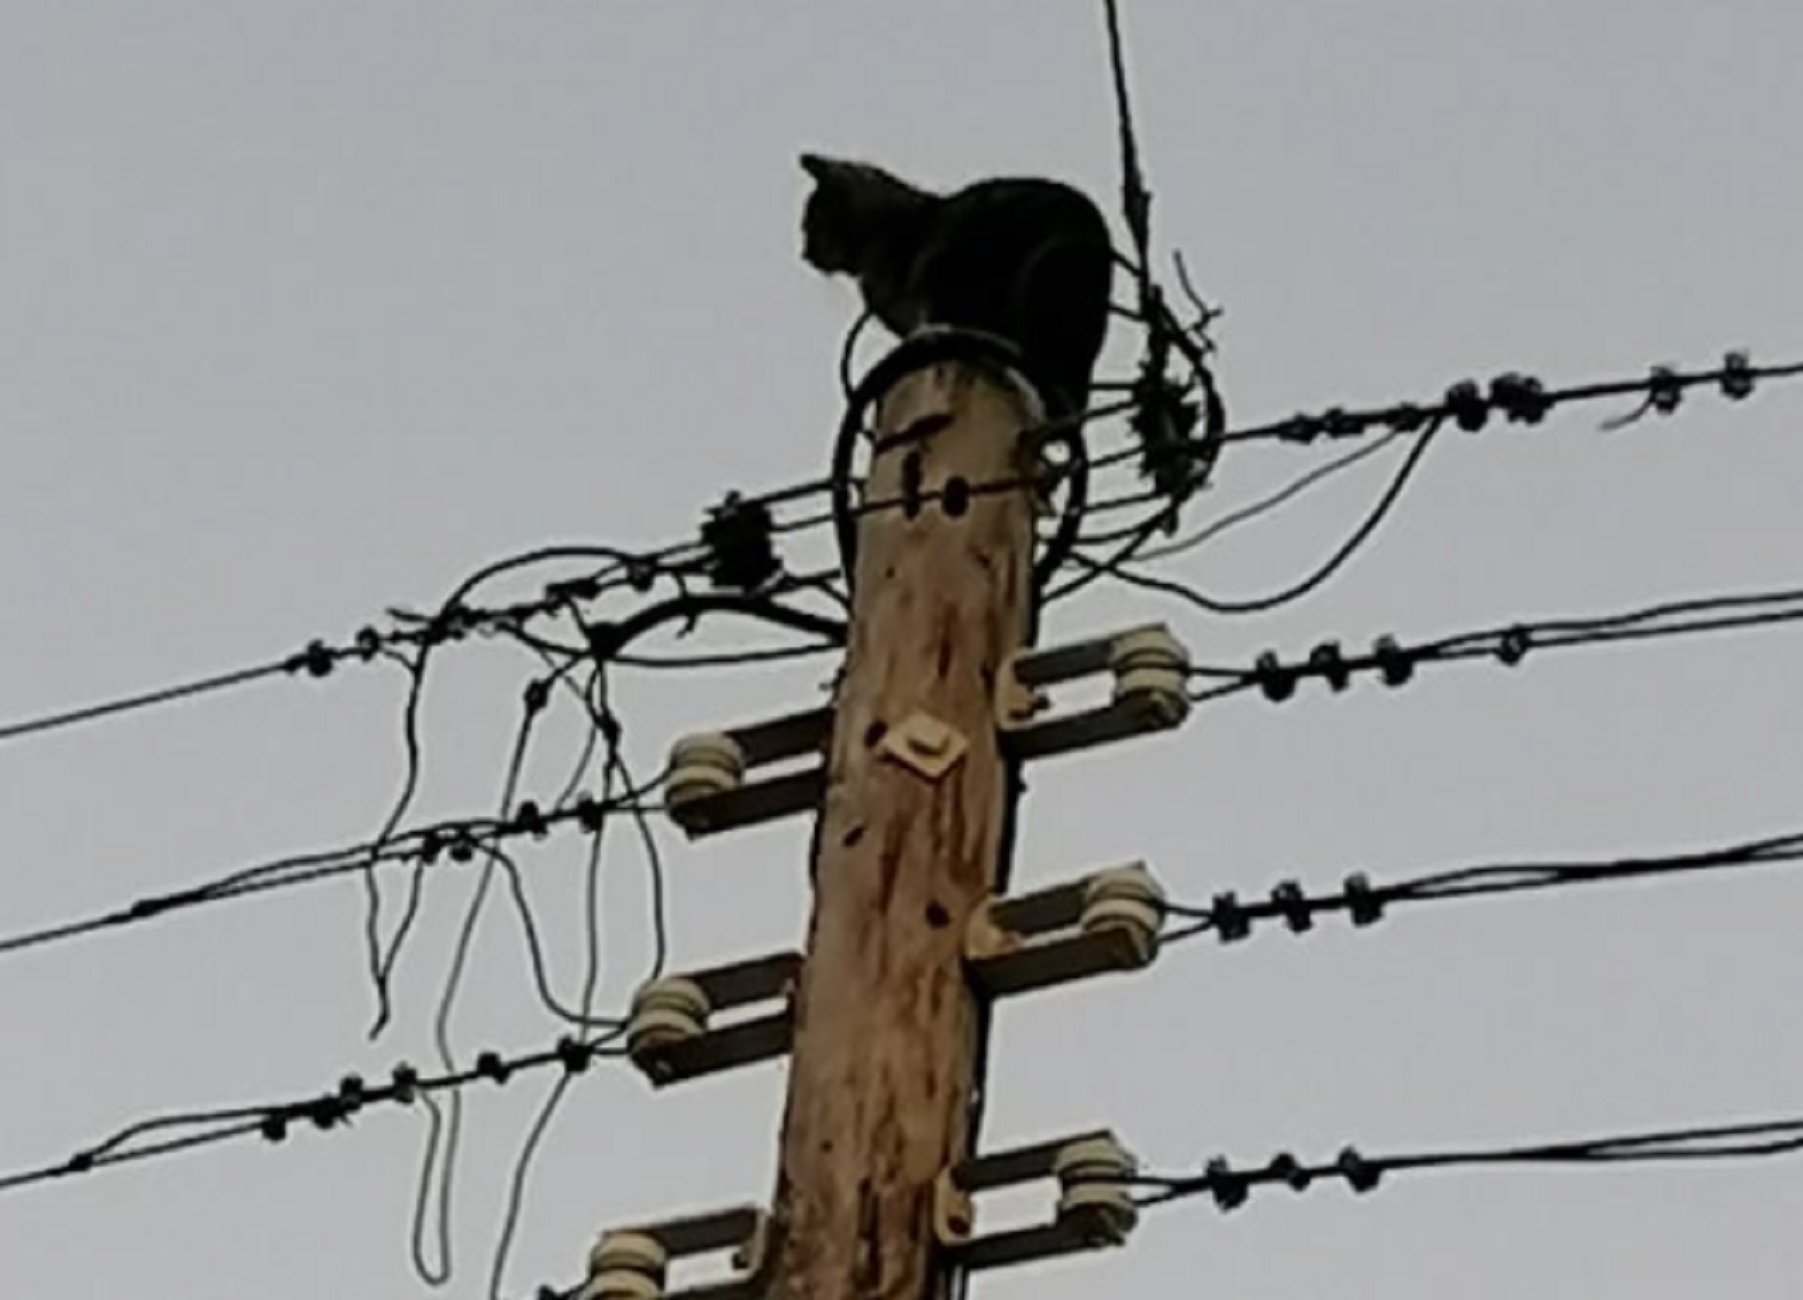 Σύρος: Η τρομαγμένη γάτα ούτε που το κατάλαβε – Δείτε τι έκανε για να αποφύγει τον σκύλο που την κυνηγούσε (pics)